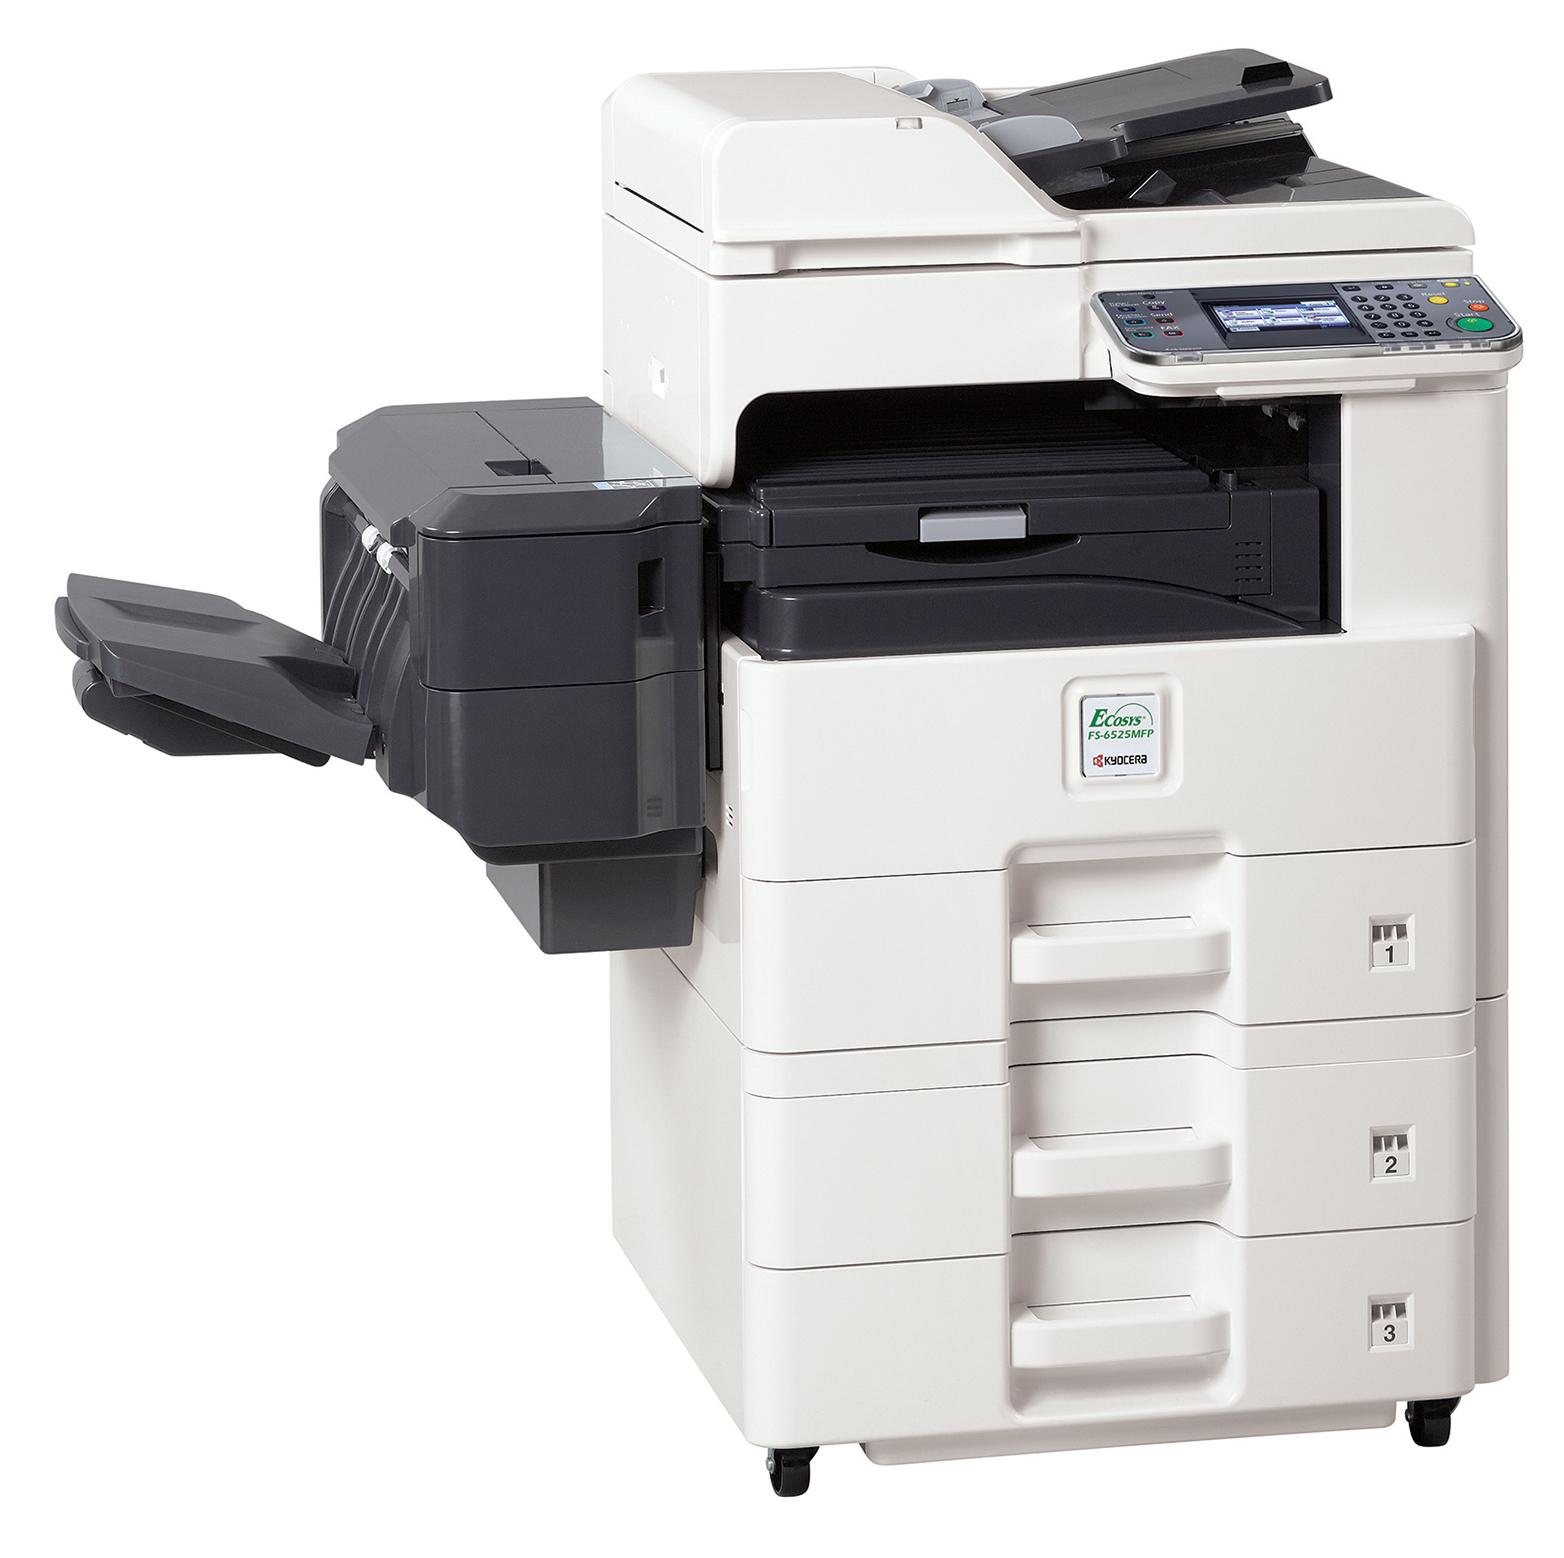 Kyocera FS6525MDp image